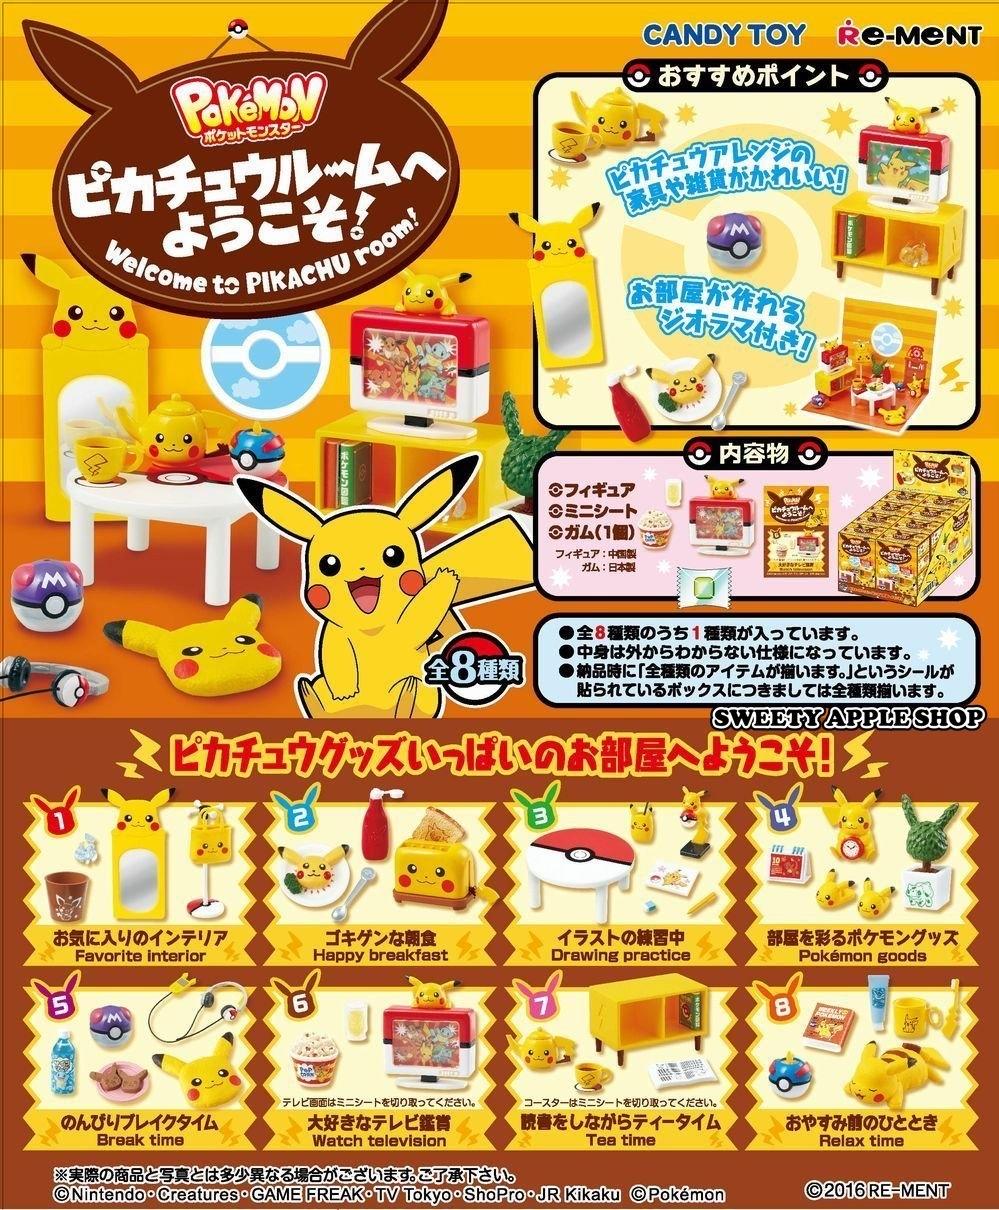 日本限定 寶可夢 皮卡丘 部屋玩耍 公仔模型 盒玩 食玩 (全8種類) 整盒套裝